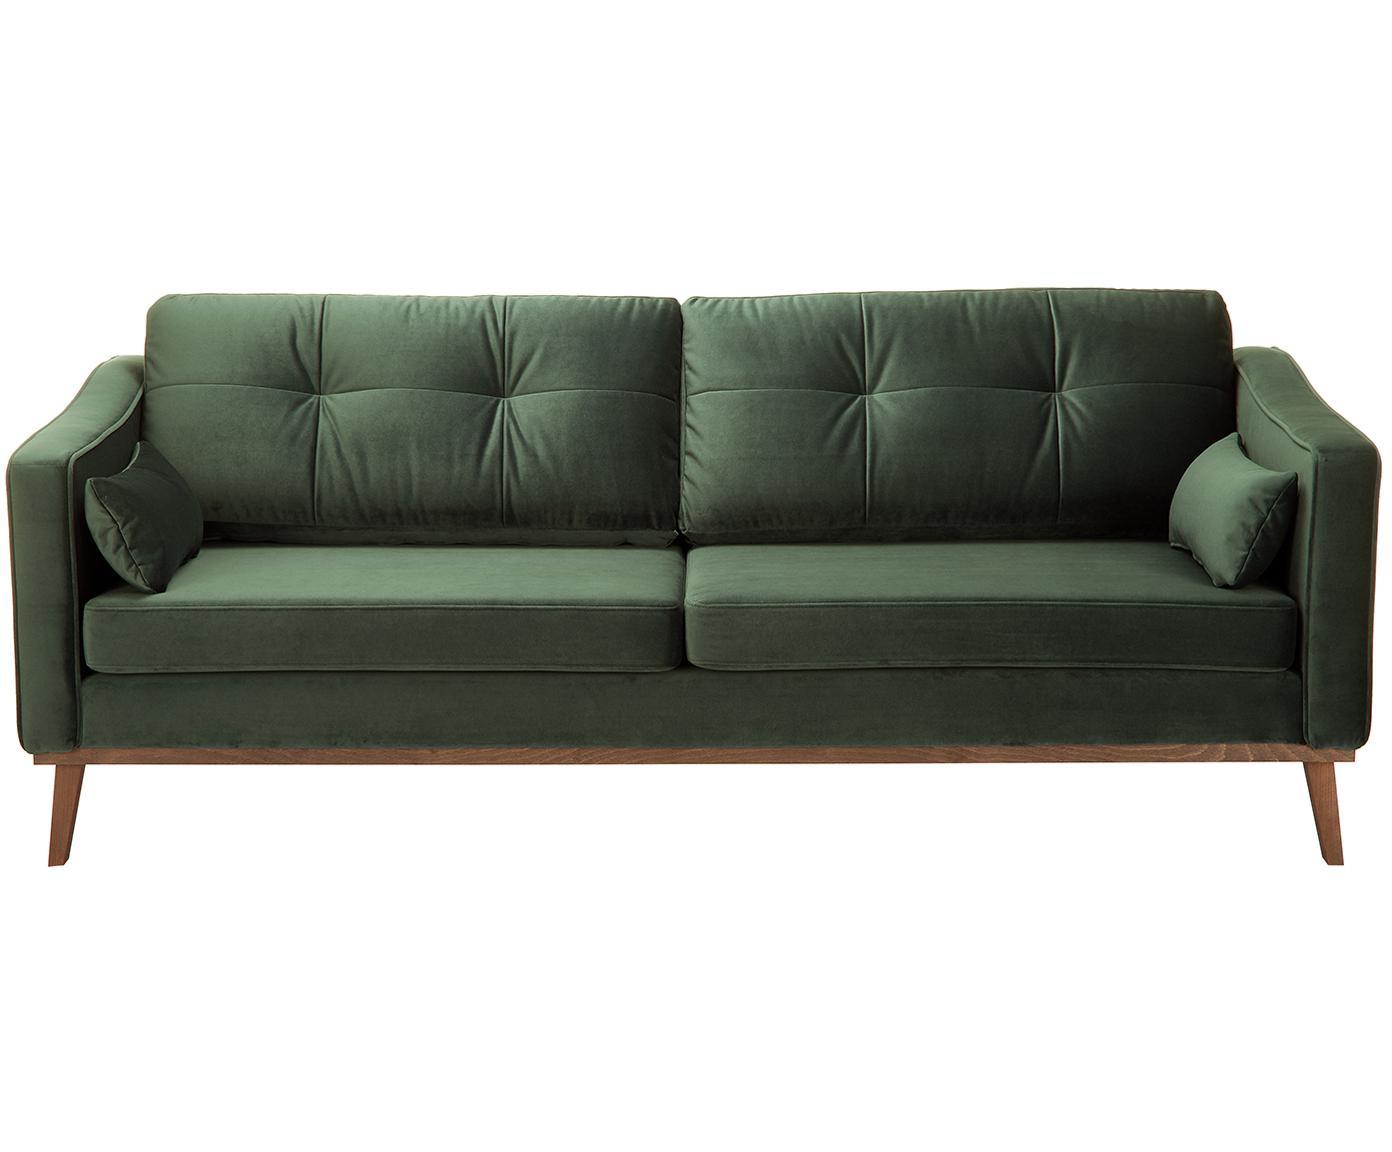 Sofa z aksamitu Alva (3-osobowa), Tapicerka: aksamit (wysokiej jakości, Stelaż: drewno sosnowe, Nogi: lite drewno bukowe, barwi, Oliwkowy, S 215 x G 92 cm